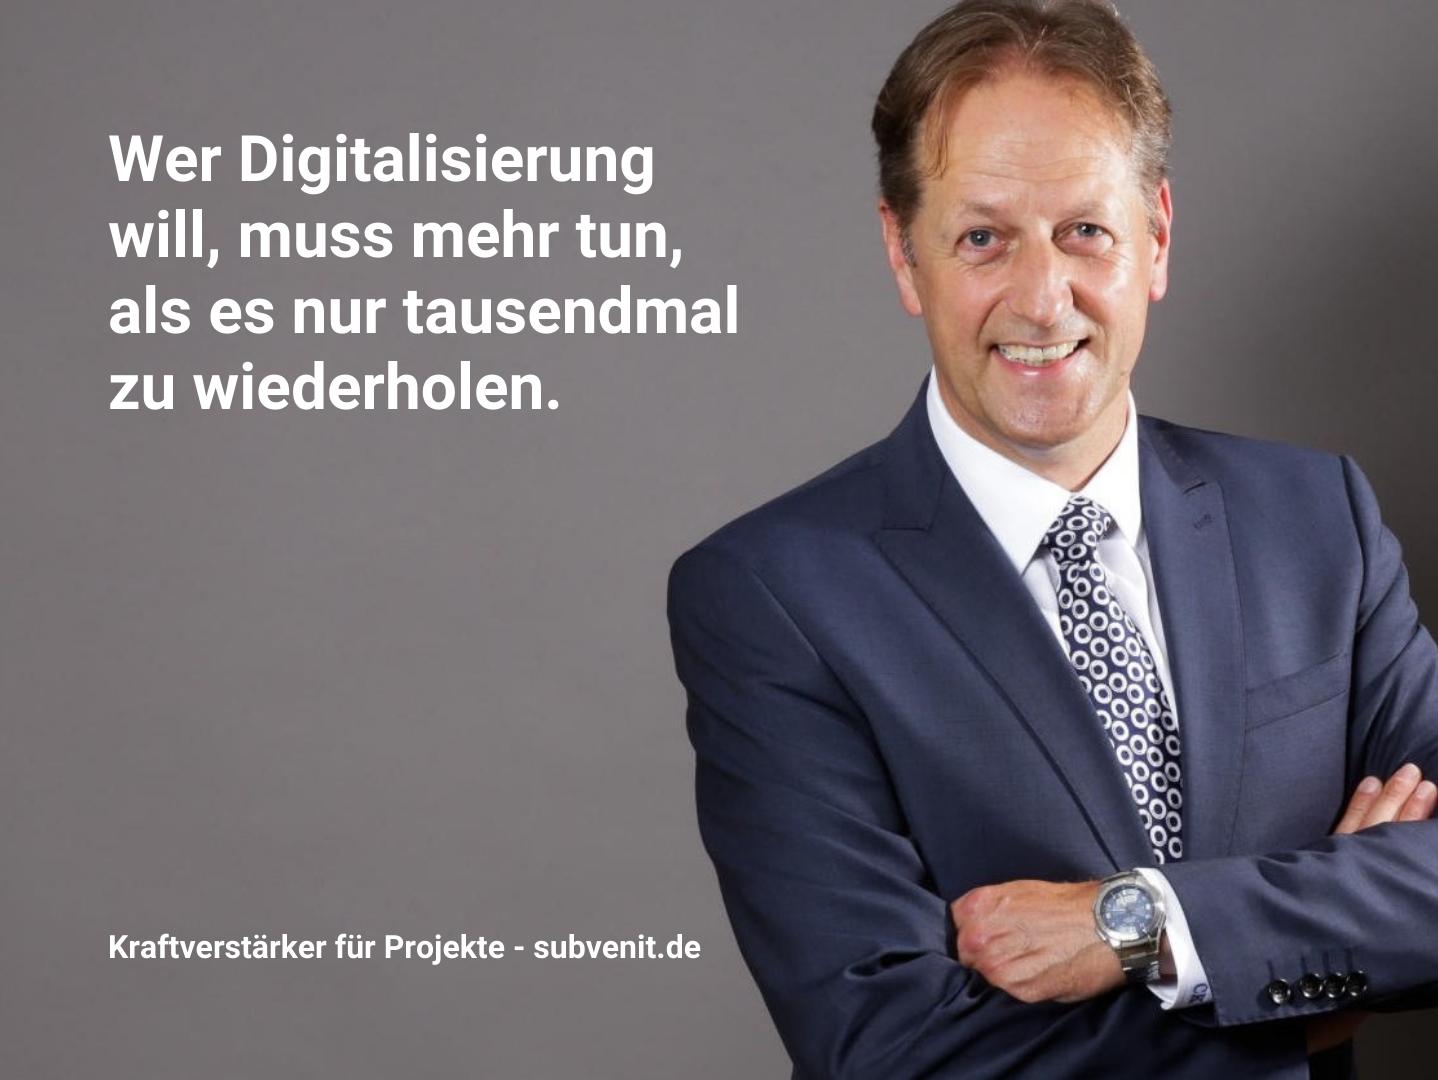 Wer Digitalisierung will, muss mehr tun